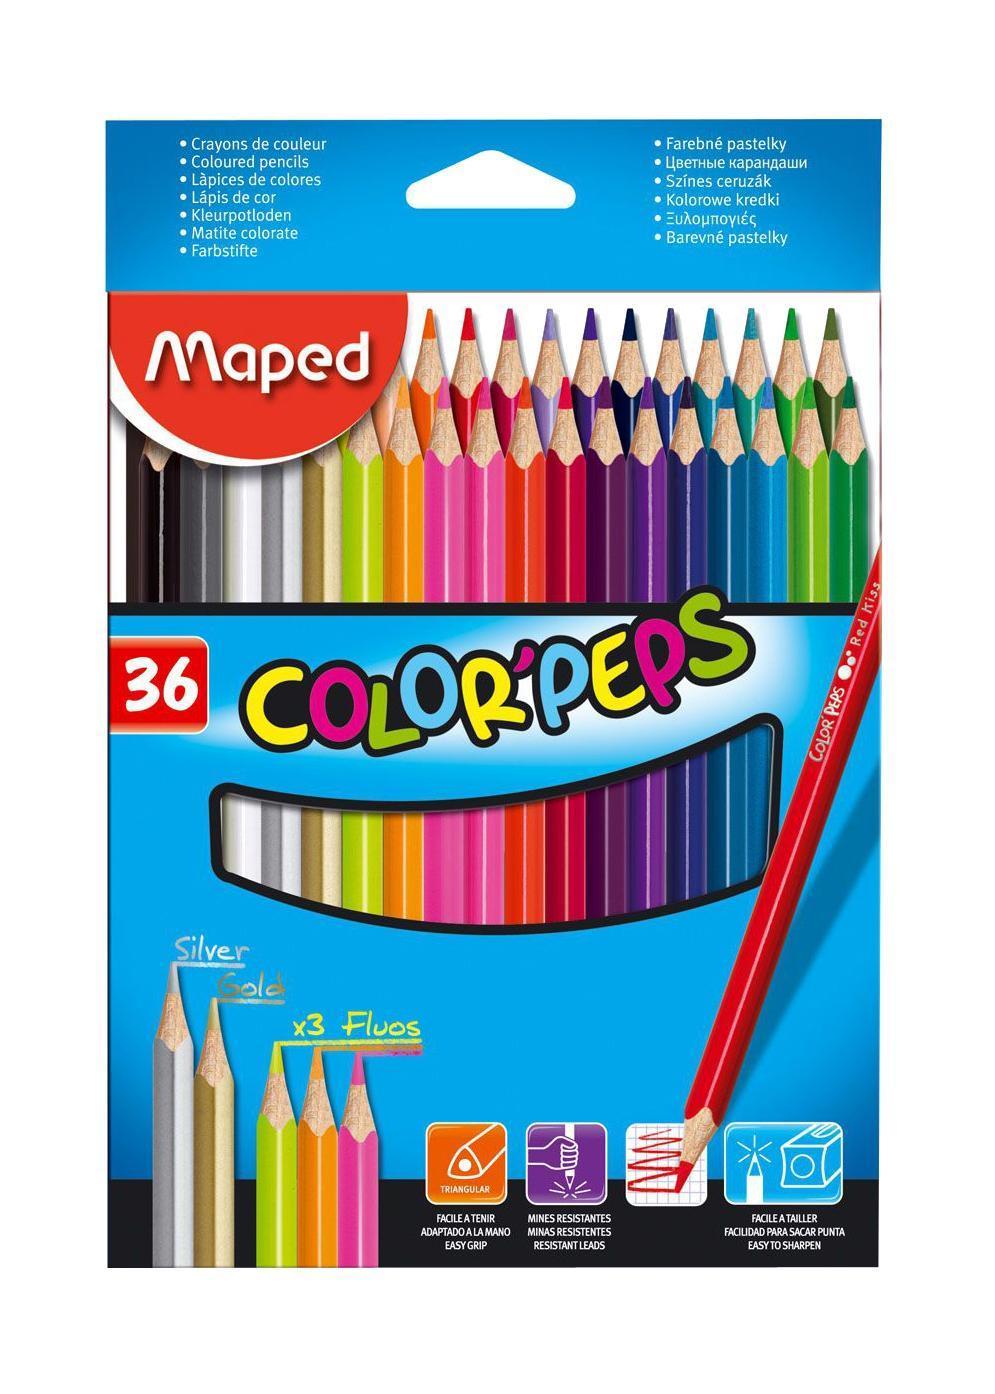 Карандаши цветные Maped Color Peps, 36 цветов832017В процессе рисования у малышей развивается наглядно-образное мышление, воображение, мелкая моторика рук, творческие и художественные способности, вырабатывается усидчивость и аккуратность. Набор содержит карандаши 36 ярких насыщенных цветов. Все карандаши предварительно заточены. Цветные карандаши Color Peps разработаны специально для самых маленьких художников, которые только начинают свой творческий путь. Эргономичный трехгранный корпус из американской липы особенно удобен для маленьких детских ручек. Специальное покрытие и многослойная лакировка уменьшают скольжение, что делает процесс рисования максимально комфортным. Мягкий, ударопрочный грифель не ломается и не крошится при заточке.В процессе рисования у малышей развивается наглядно-образное мышление, воображение, мелкая моторика рук, творческие и художественные способности, вырабатывается усидчивость и аккуратность.